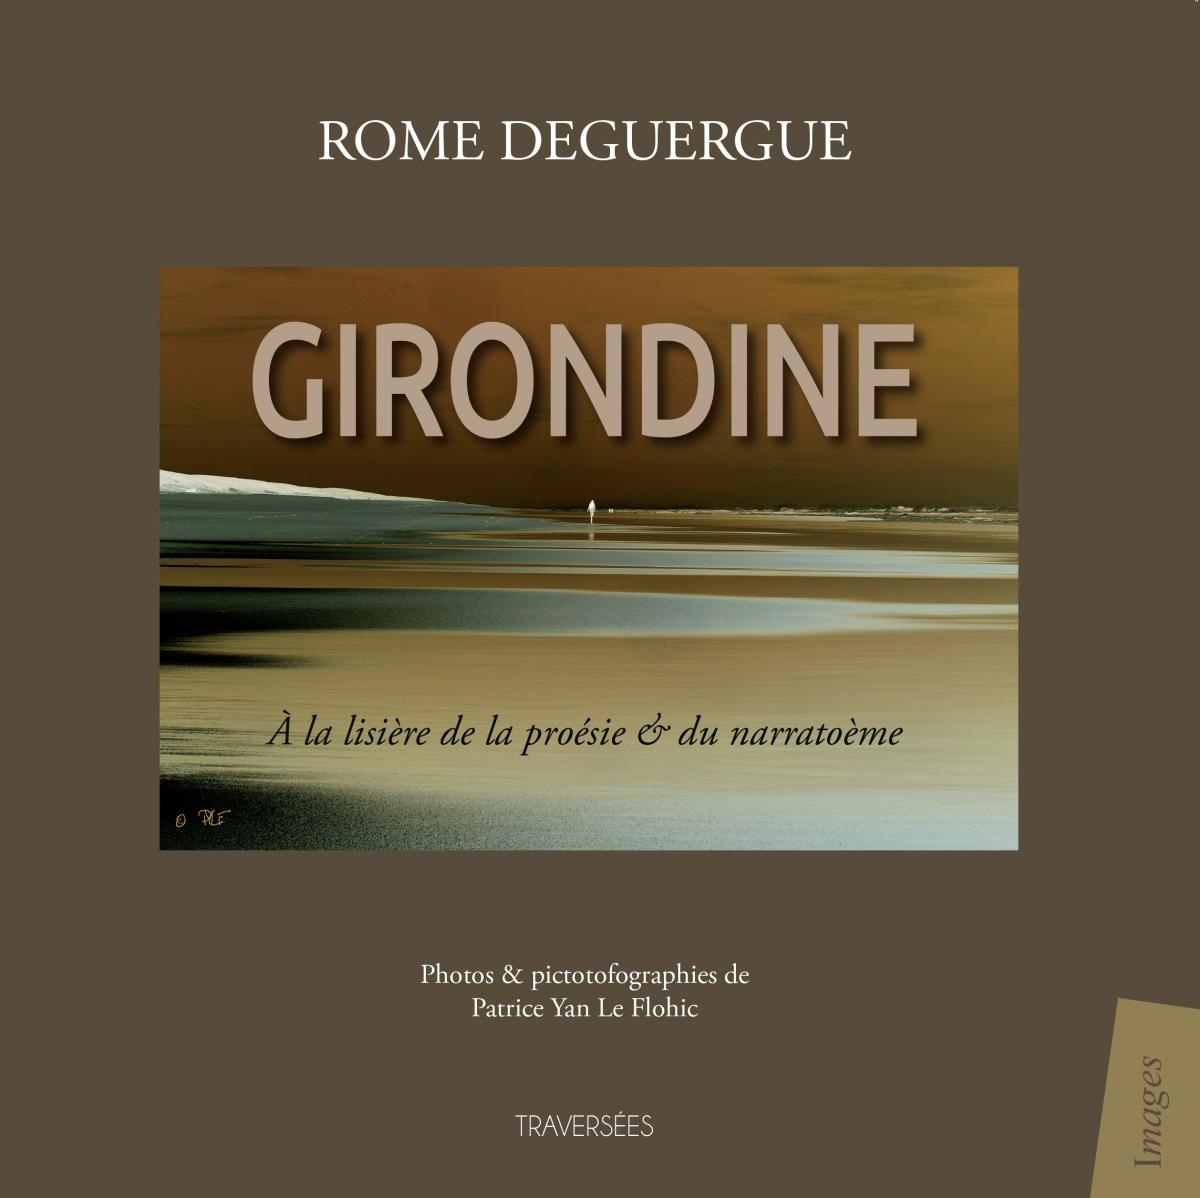 GIRONDINE, Rome Deguergue, éditions Traversées,2018.